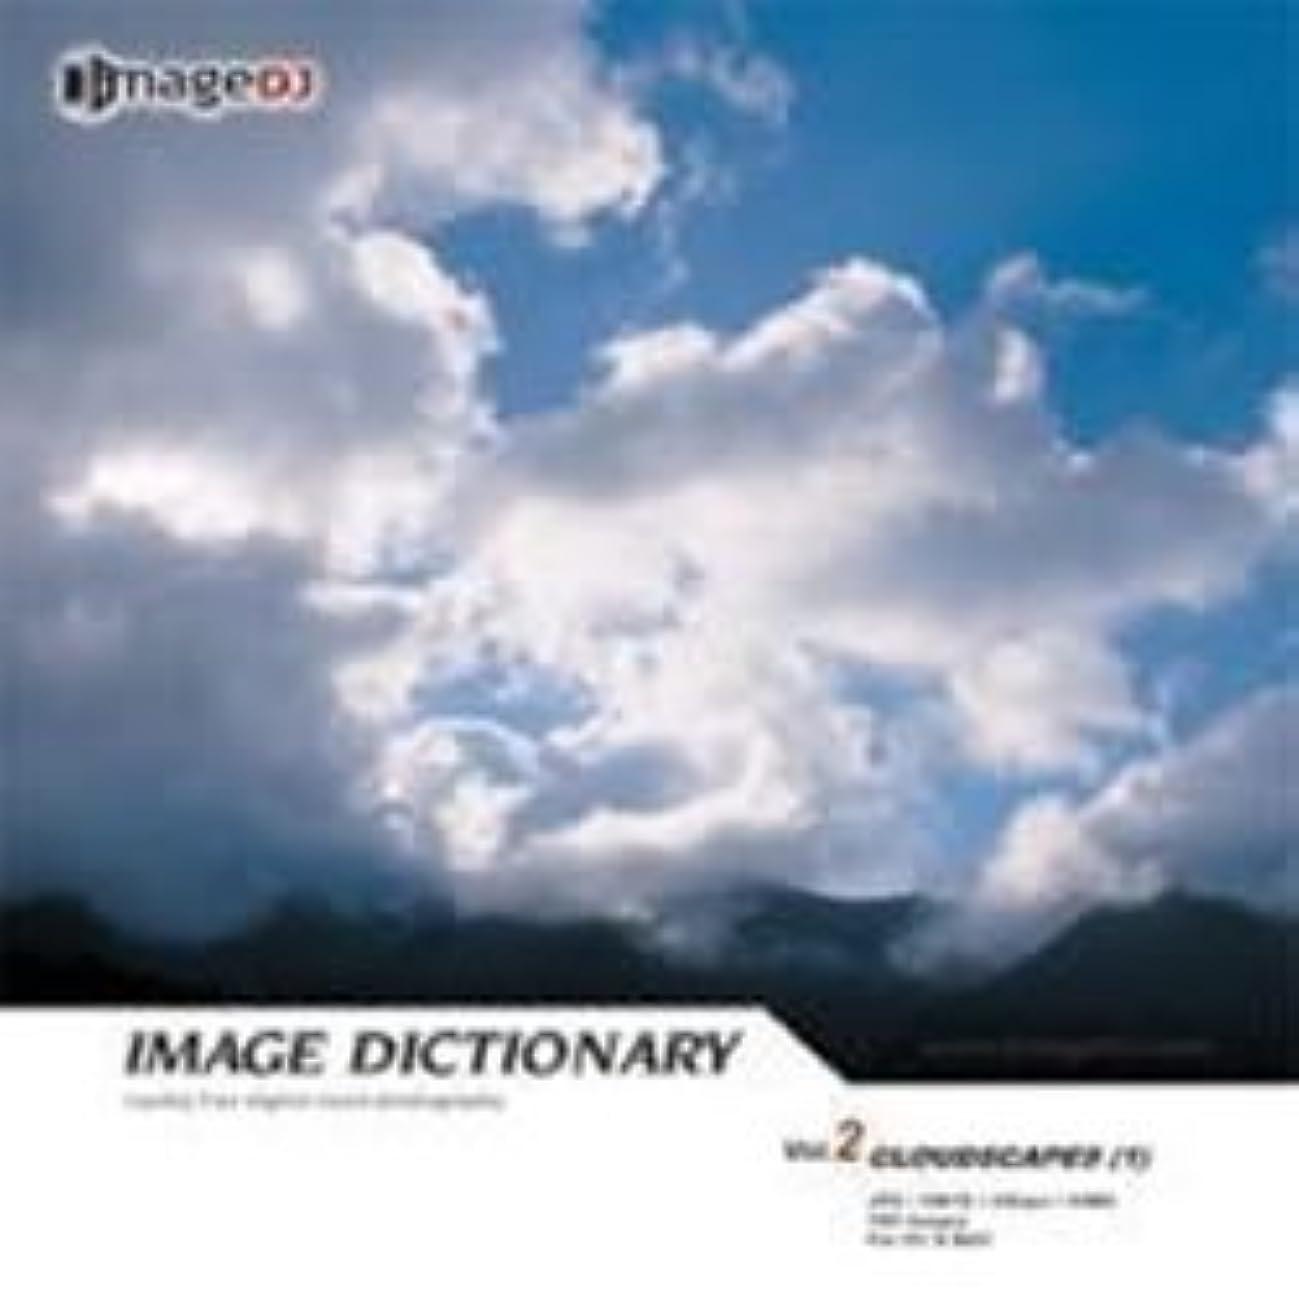 イメージ ディクショナリー Vol.2 雲